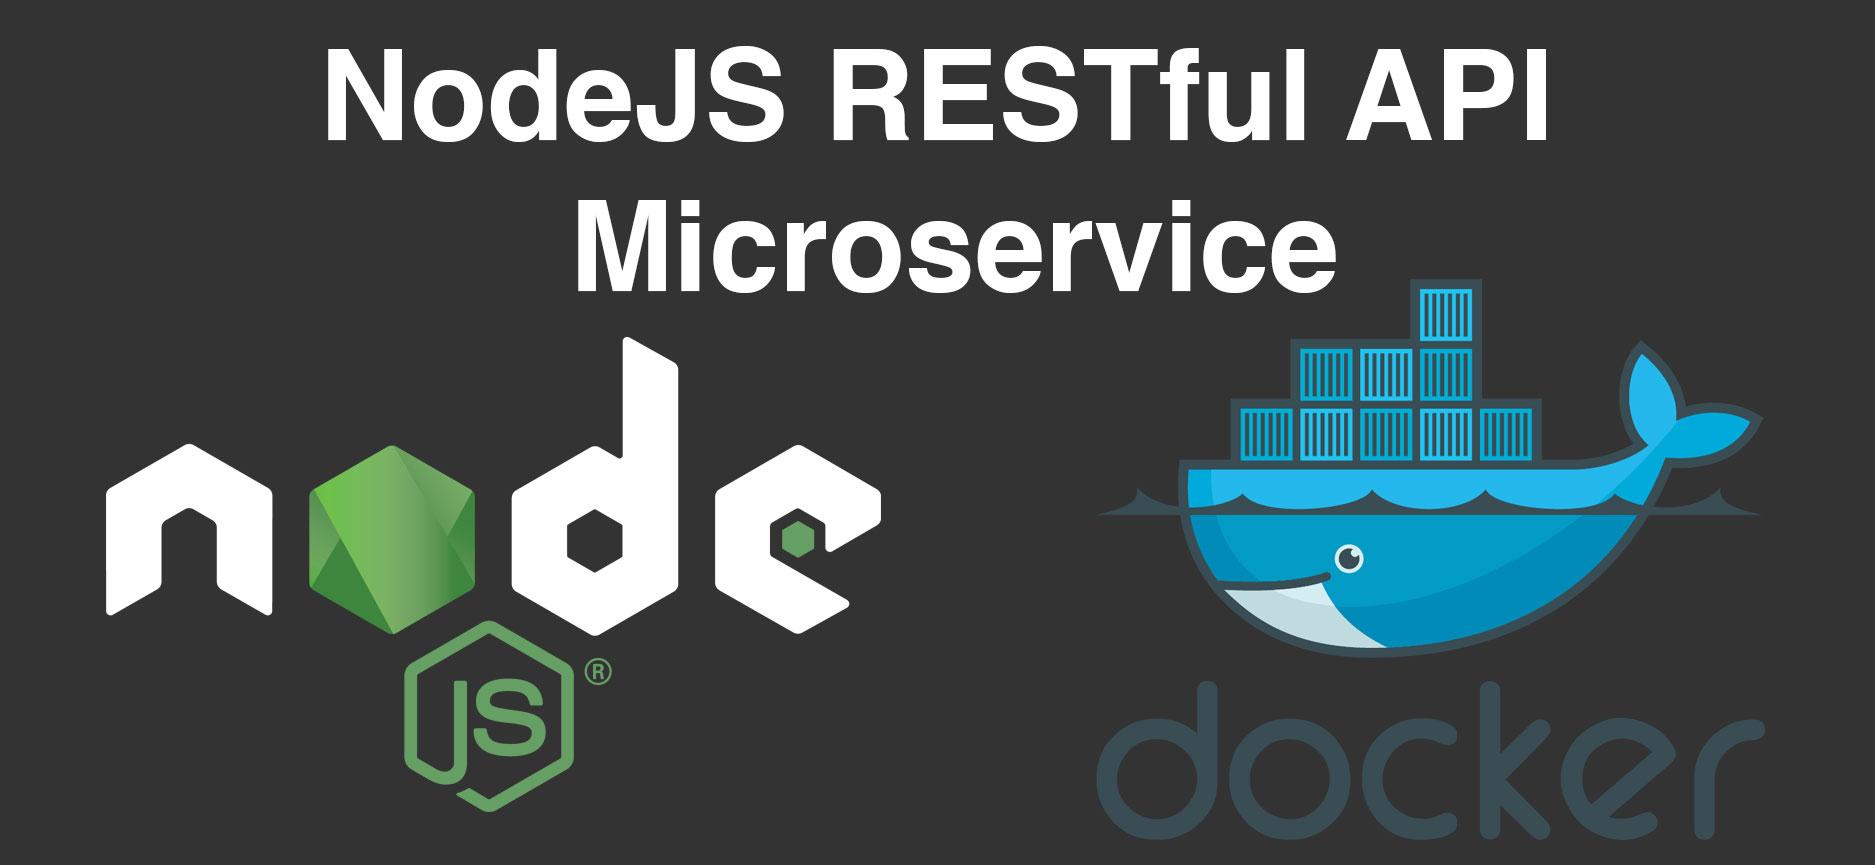 NodeJS RESTful API Microservice Logo